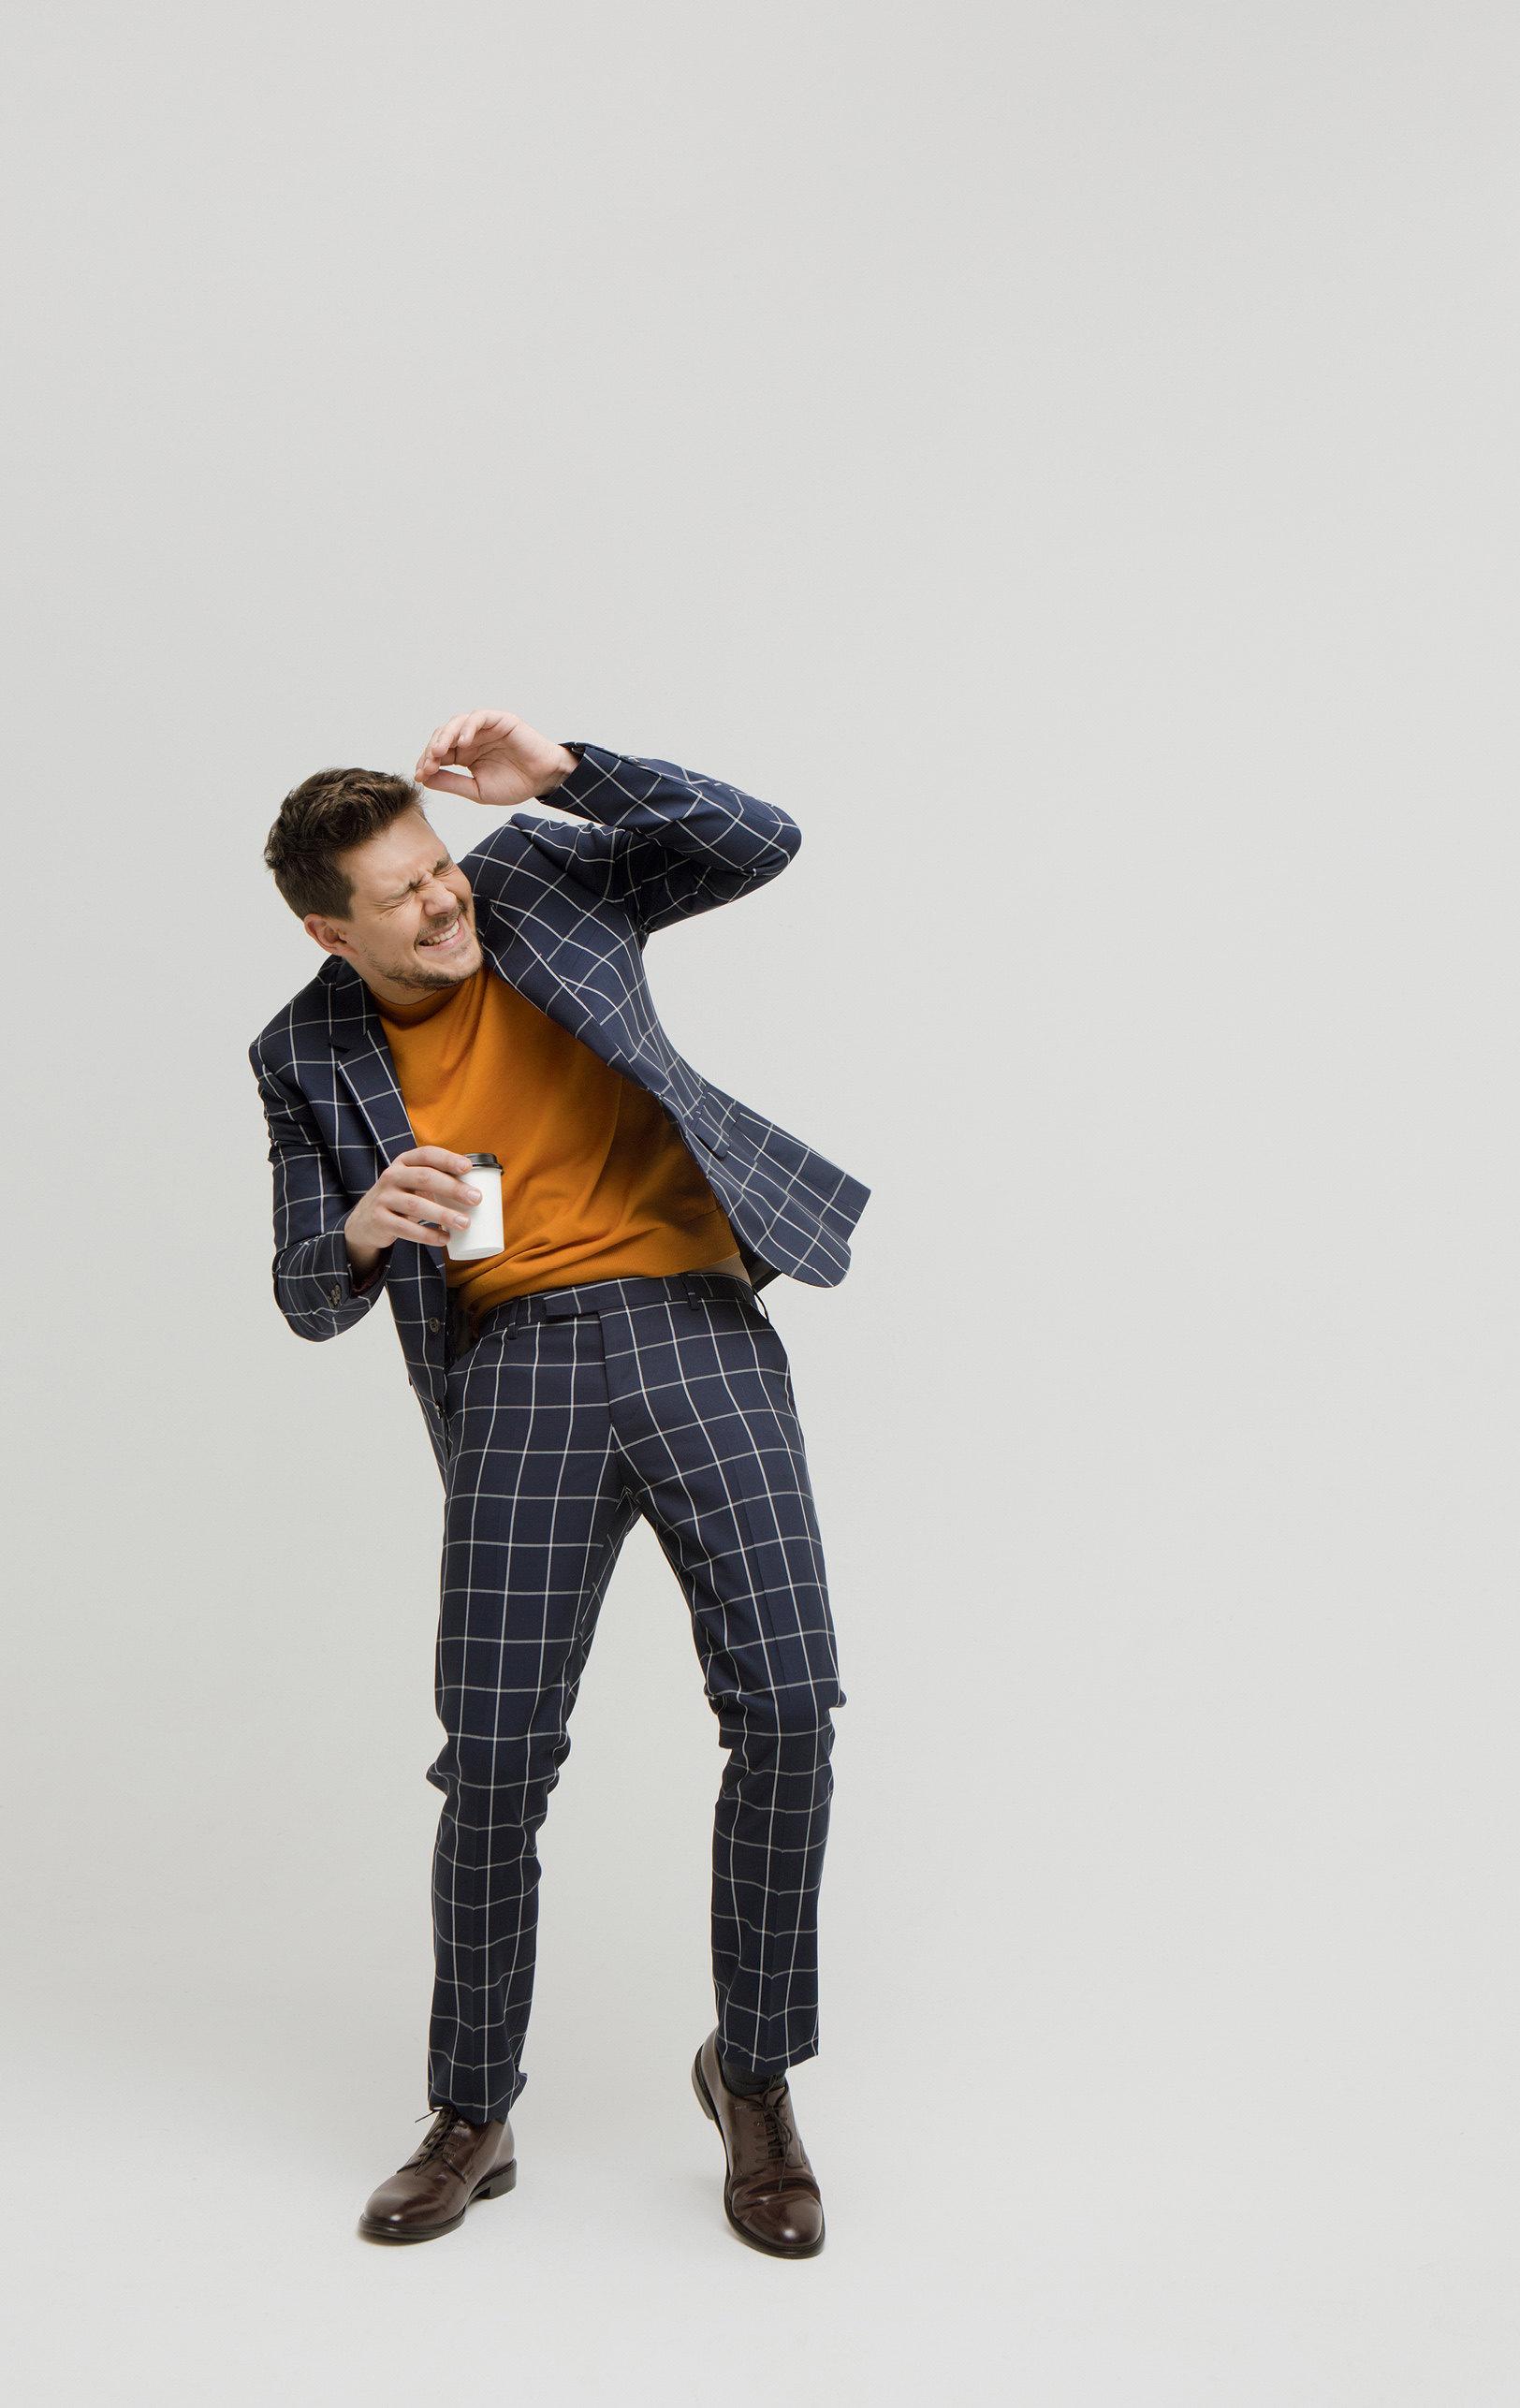 костюм, пуловер, все Paul Smith, ботинки GEOX